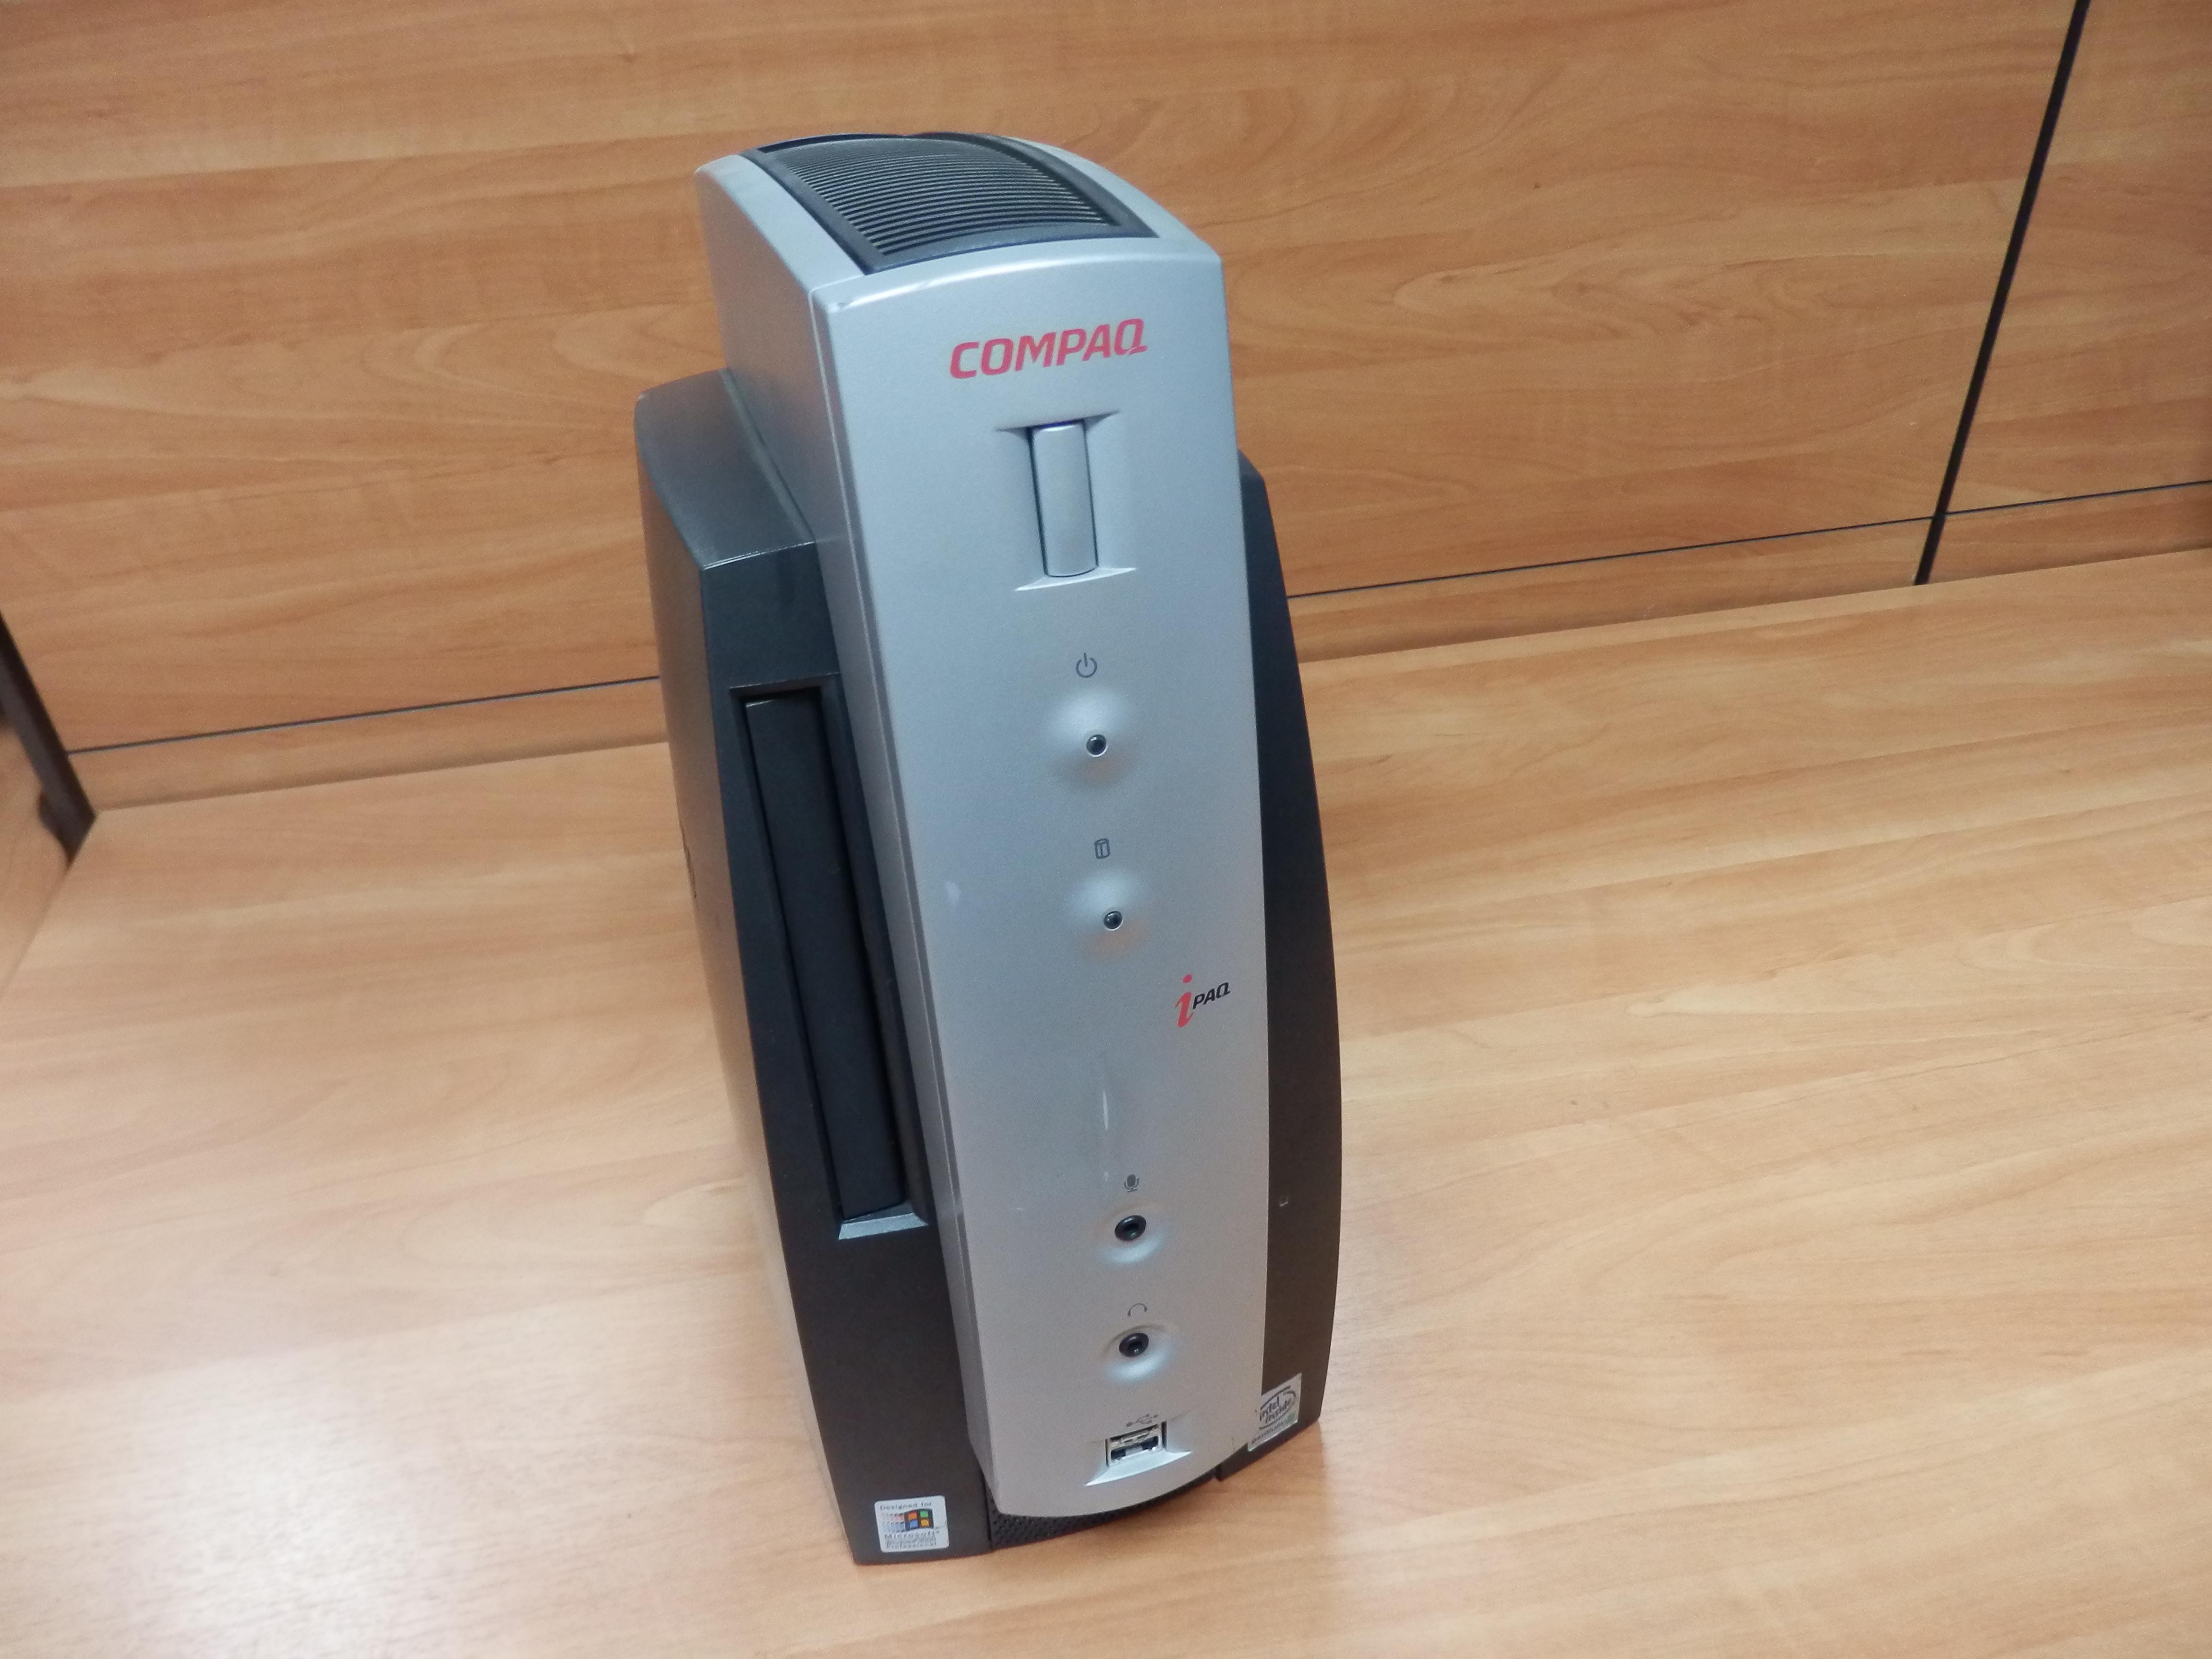 [Sprzedam] Komputer Compaq ipaq P III 733 256MB 10 GB super tanio !!!